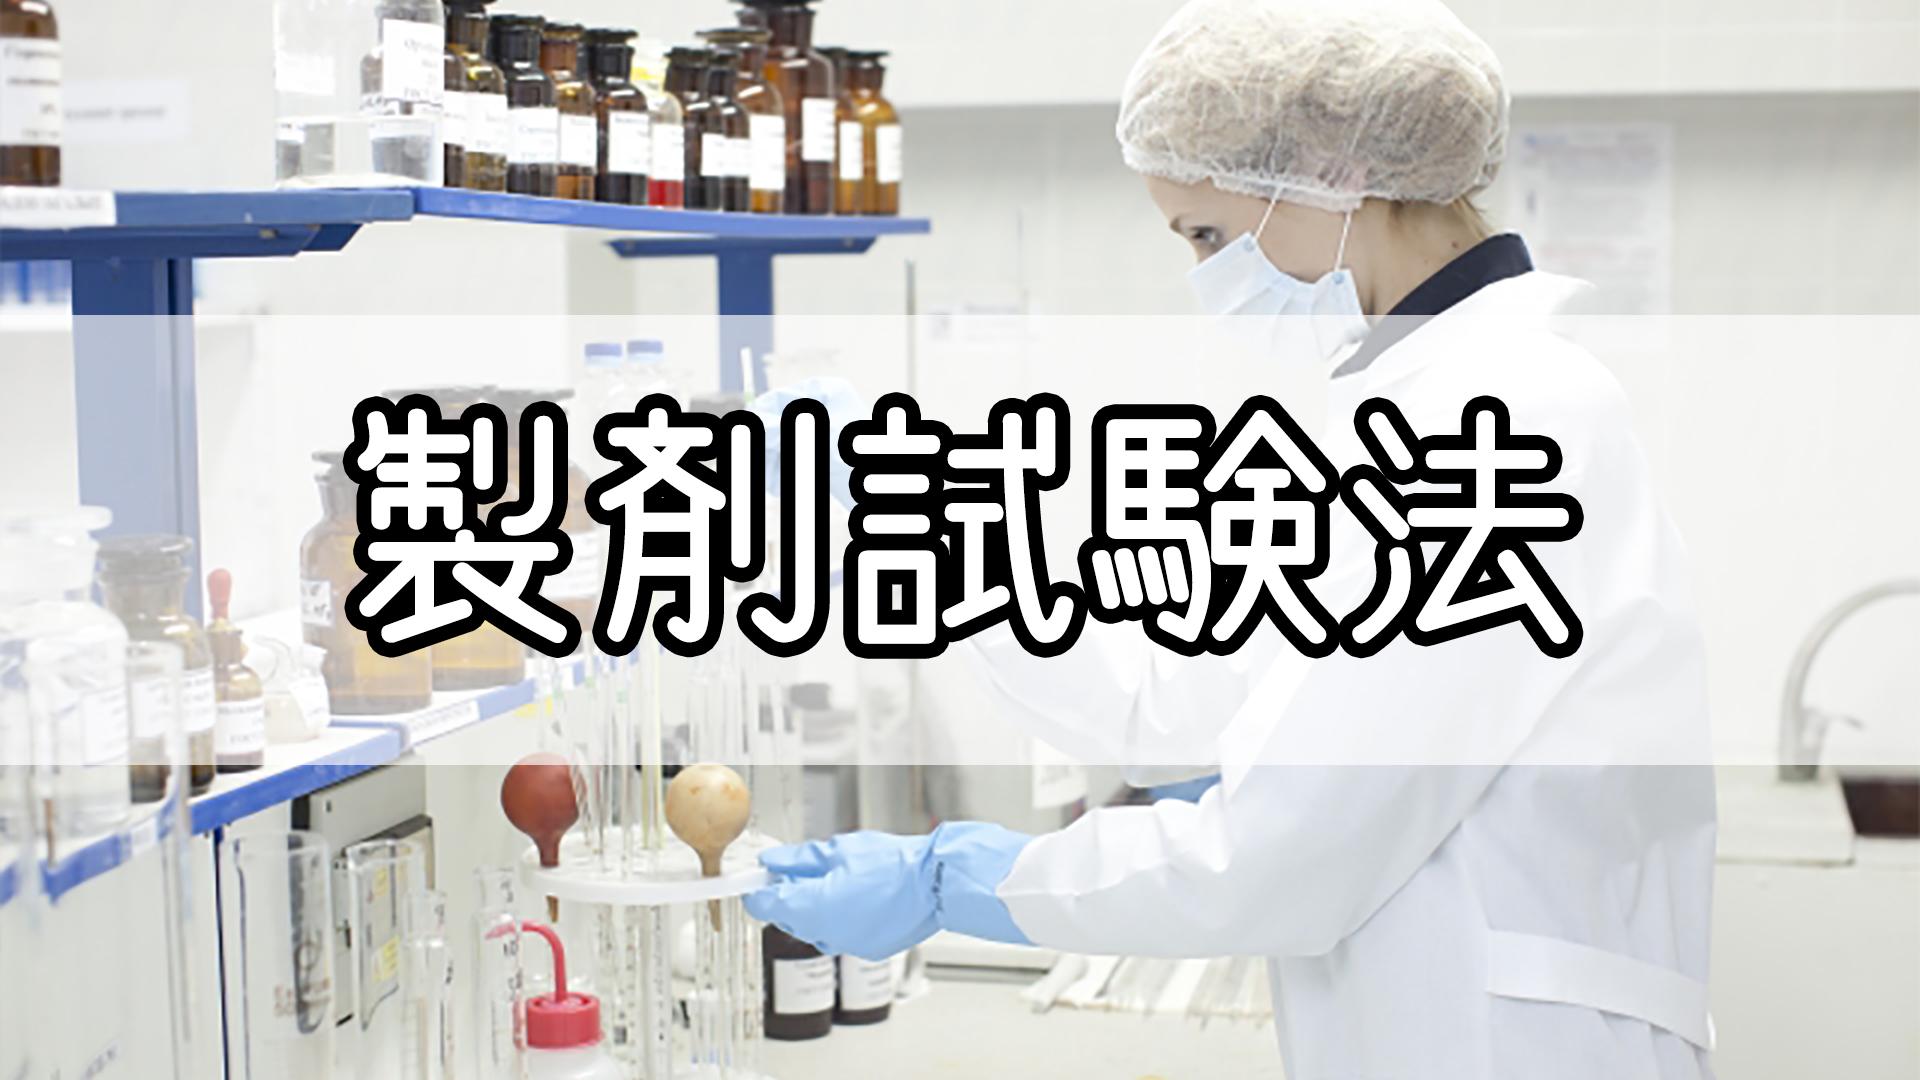 『製剤試験法』のゴロ・覚え方